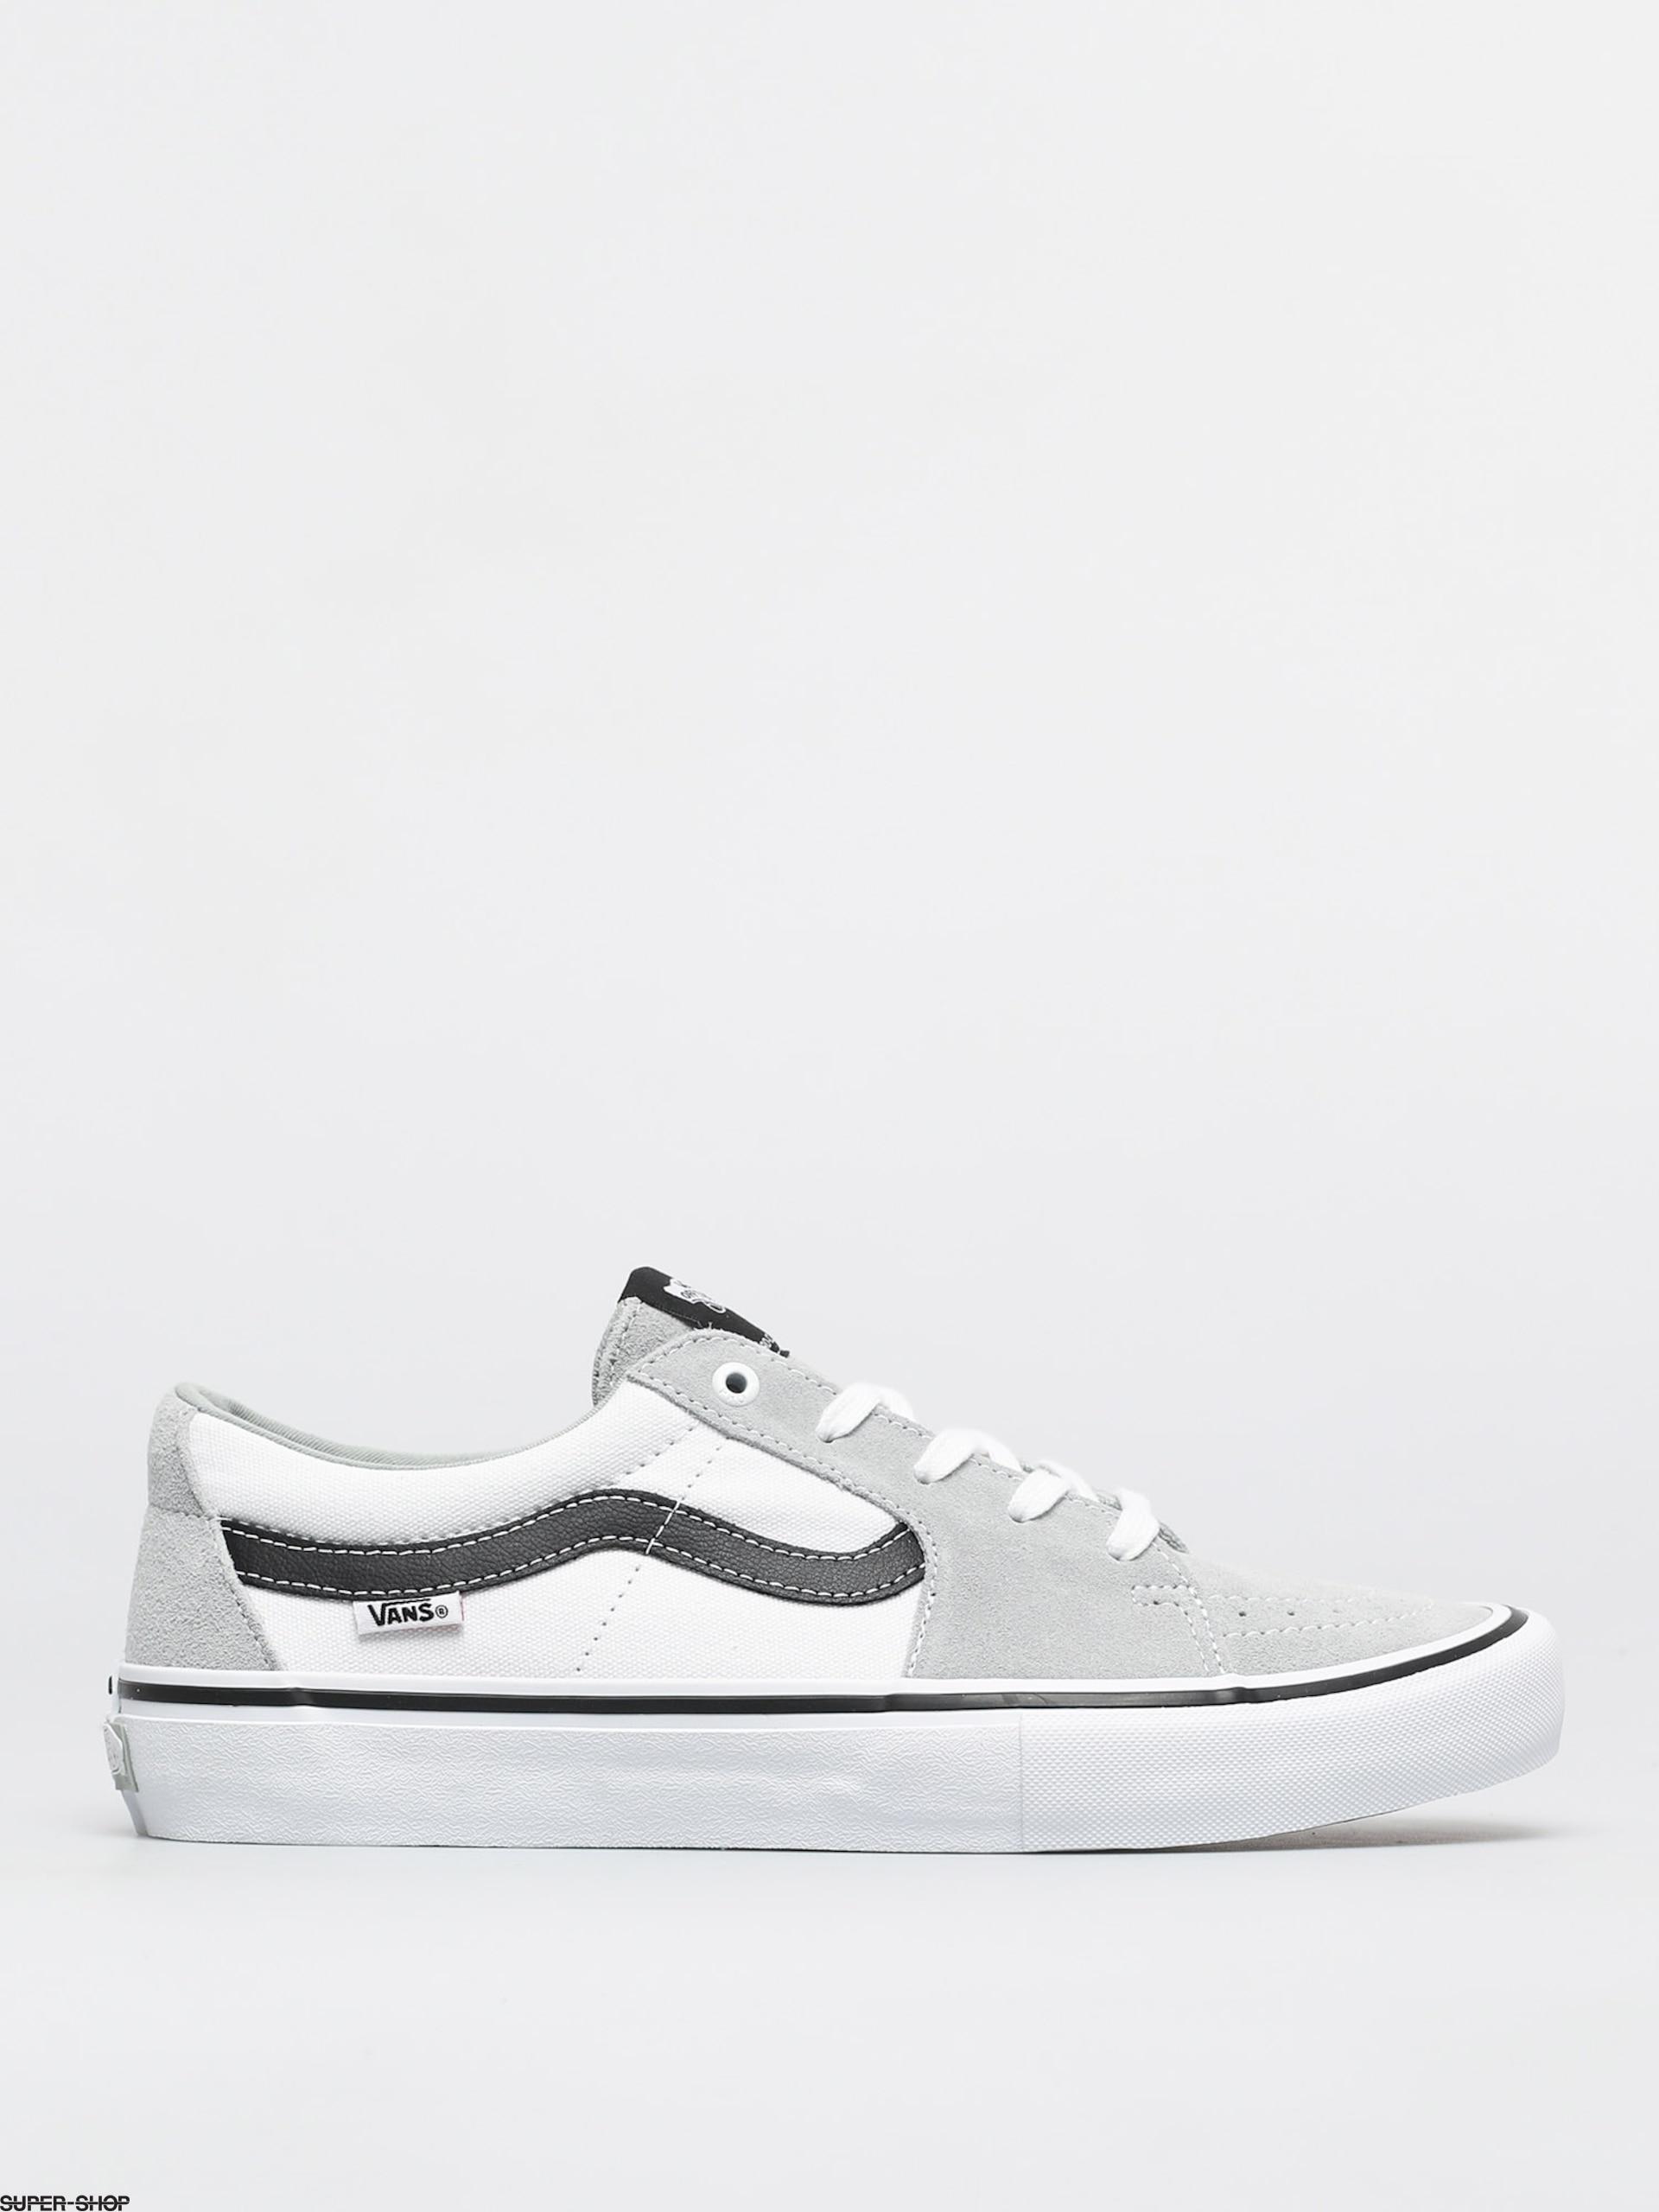 Vans Sk8 Low Pro Shoes (mirage/white)